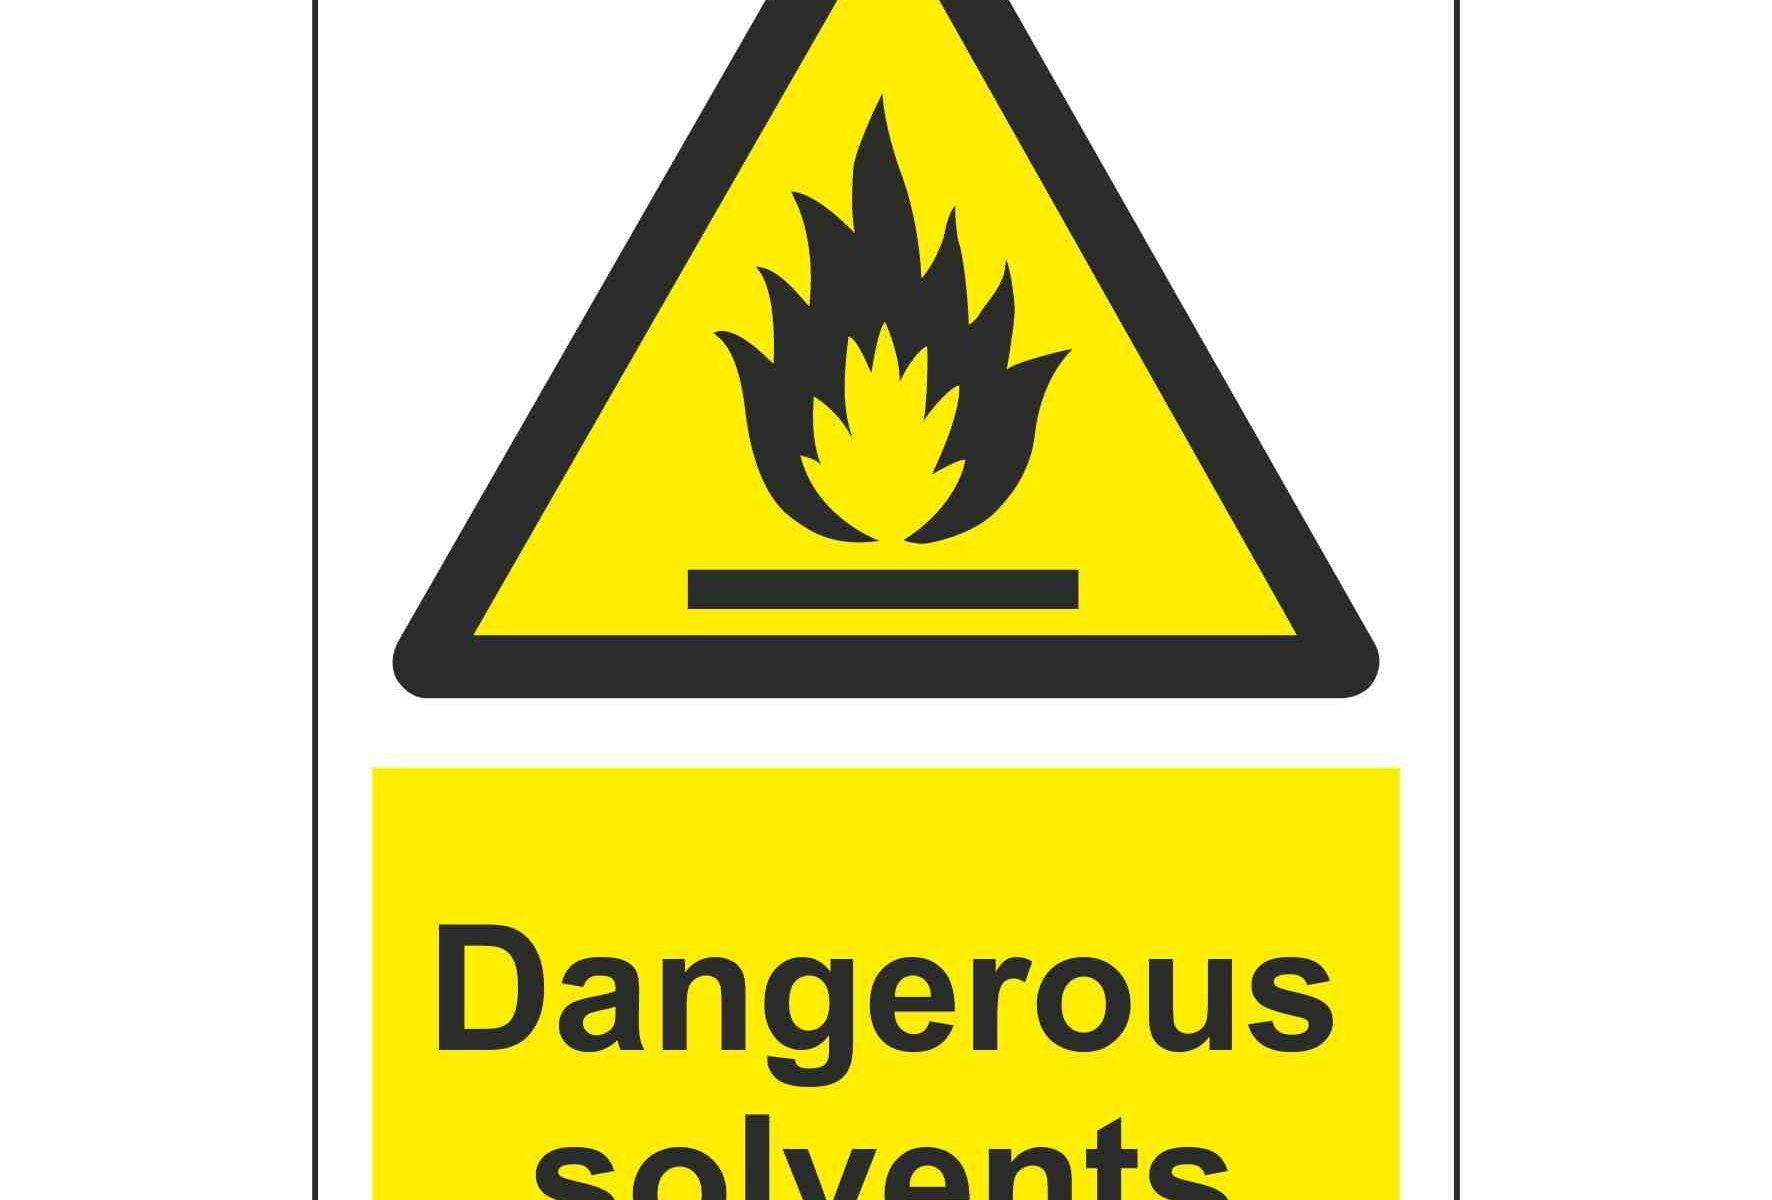 Dangerous solvents